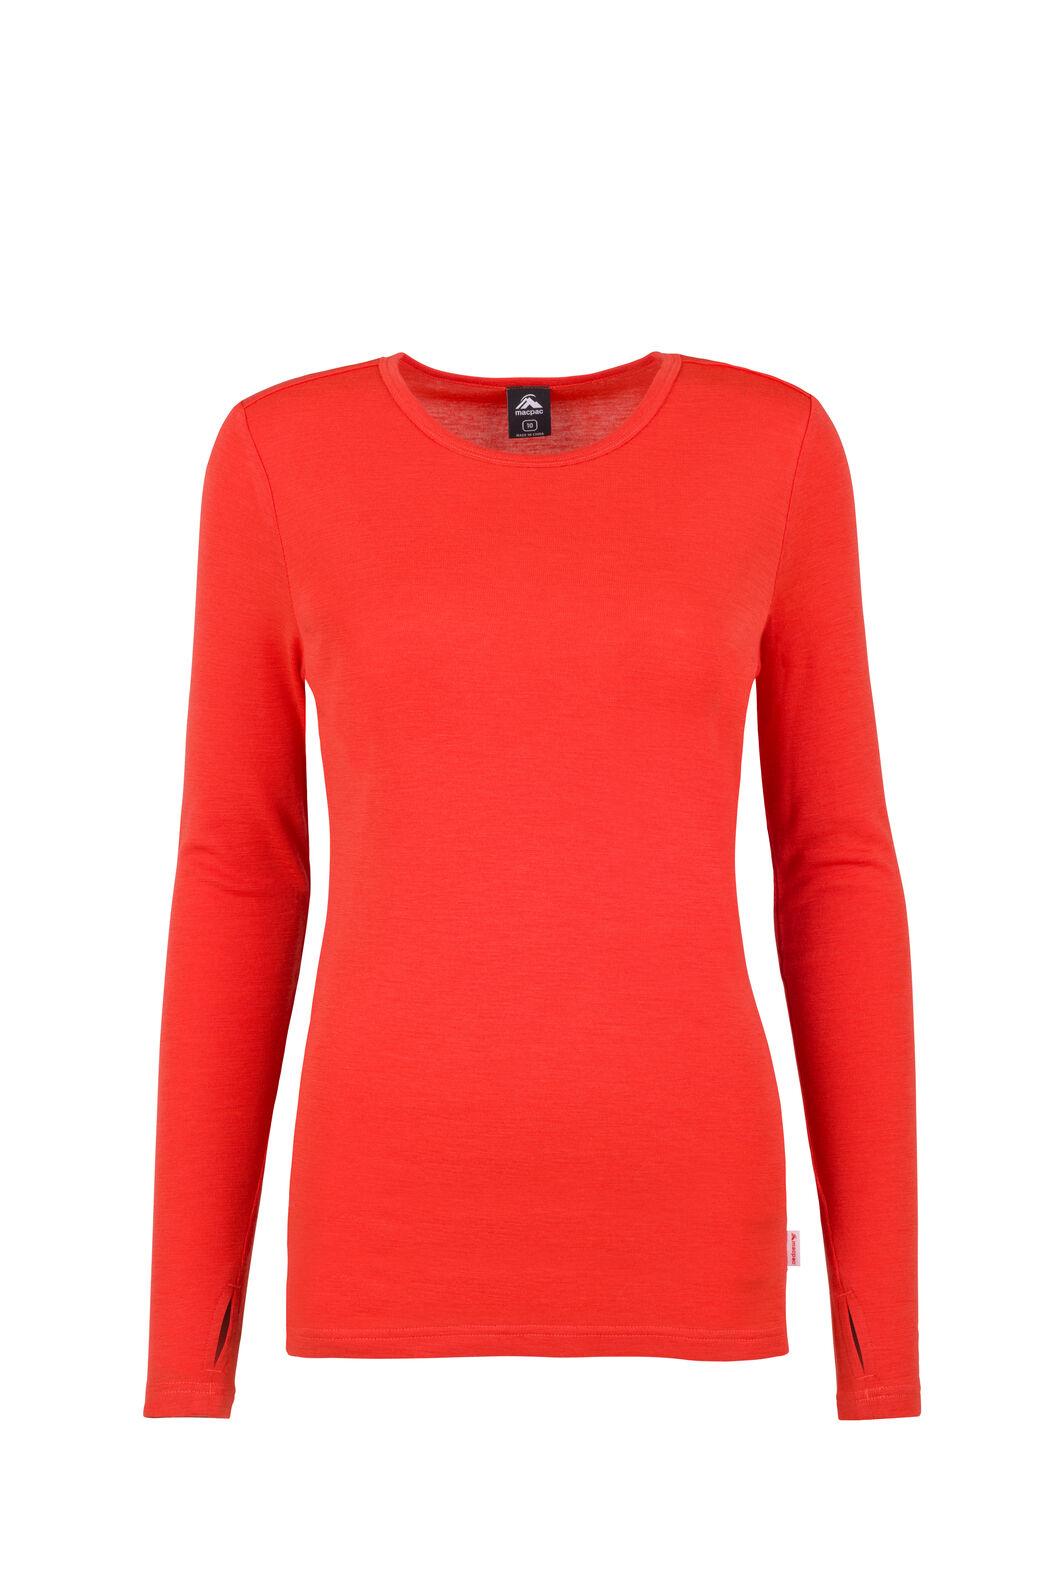 Macpac 220 Merino Top - Women's, Mandarin Red, hi-res